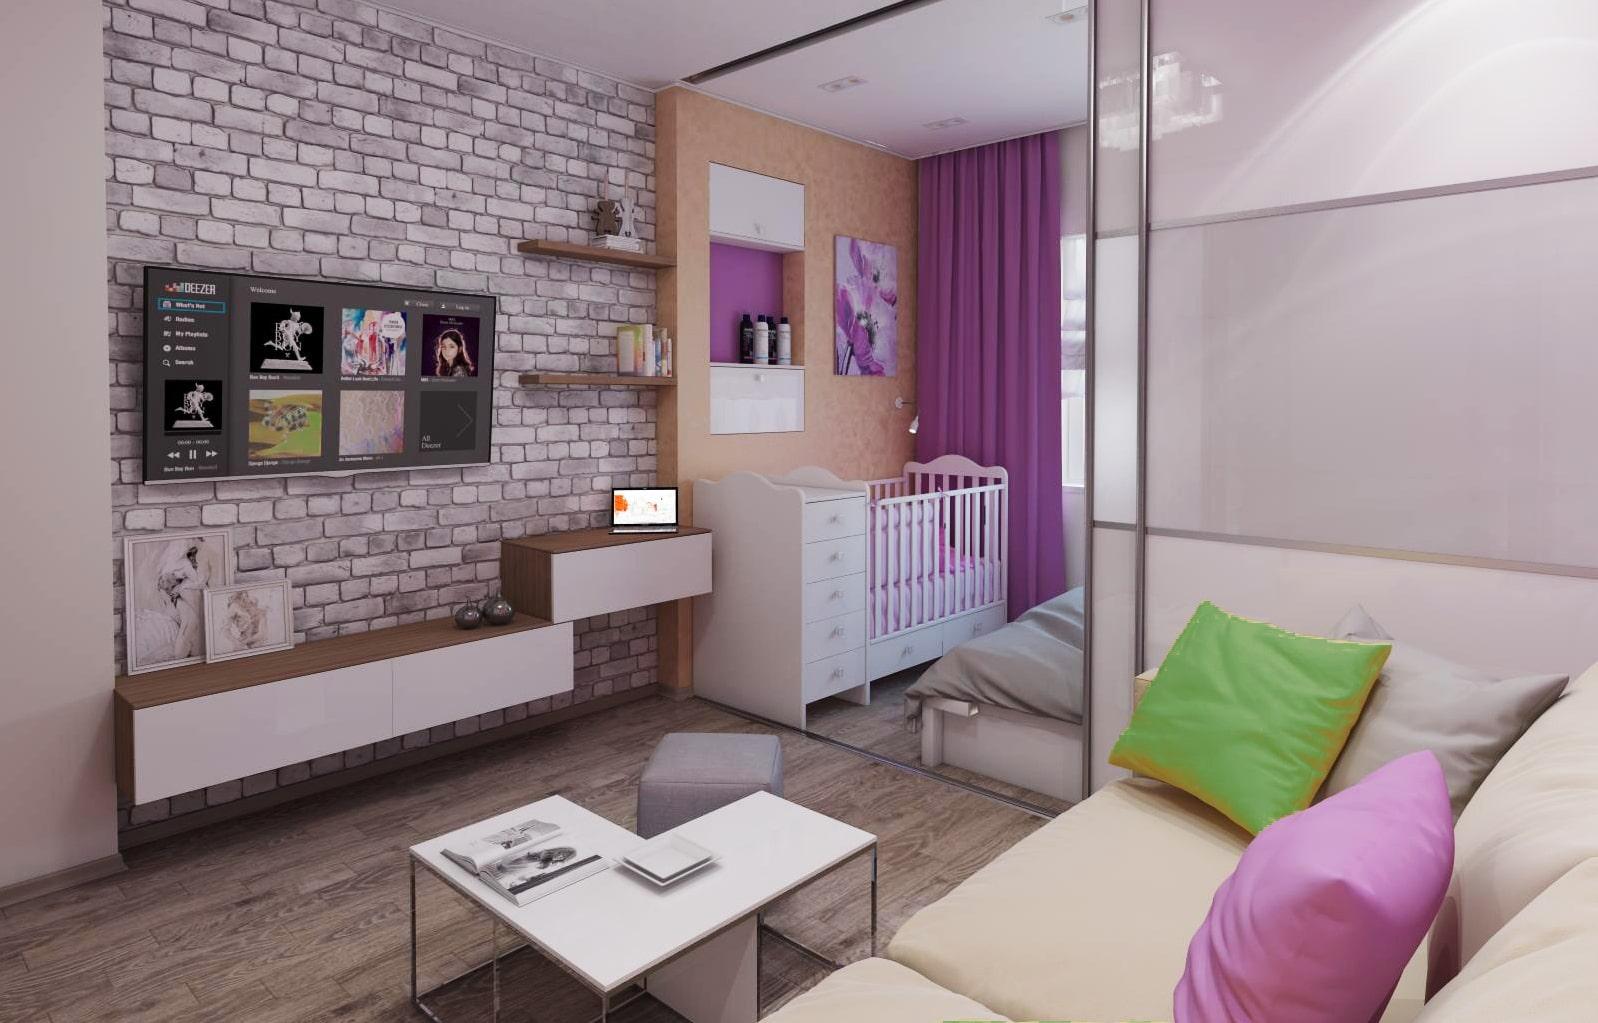 квартира площадью 35 кв м с детской